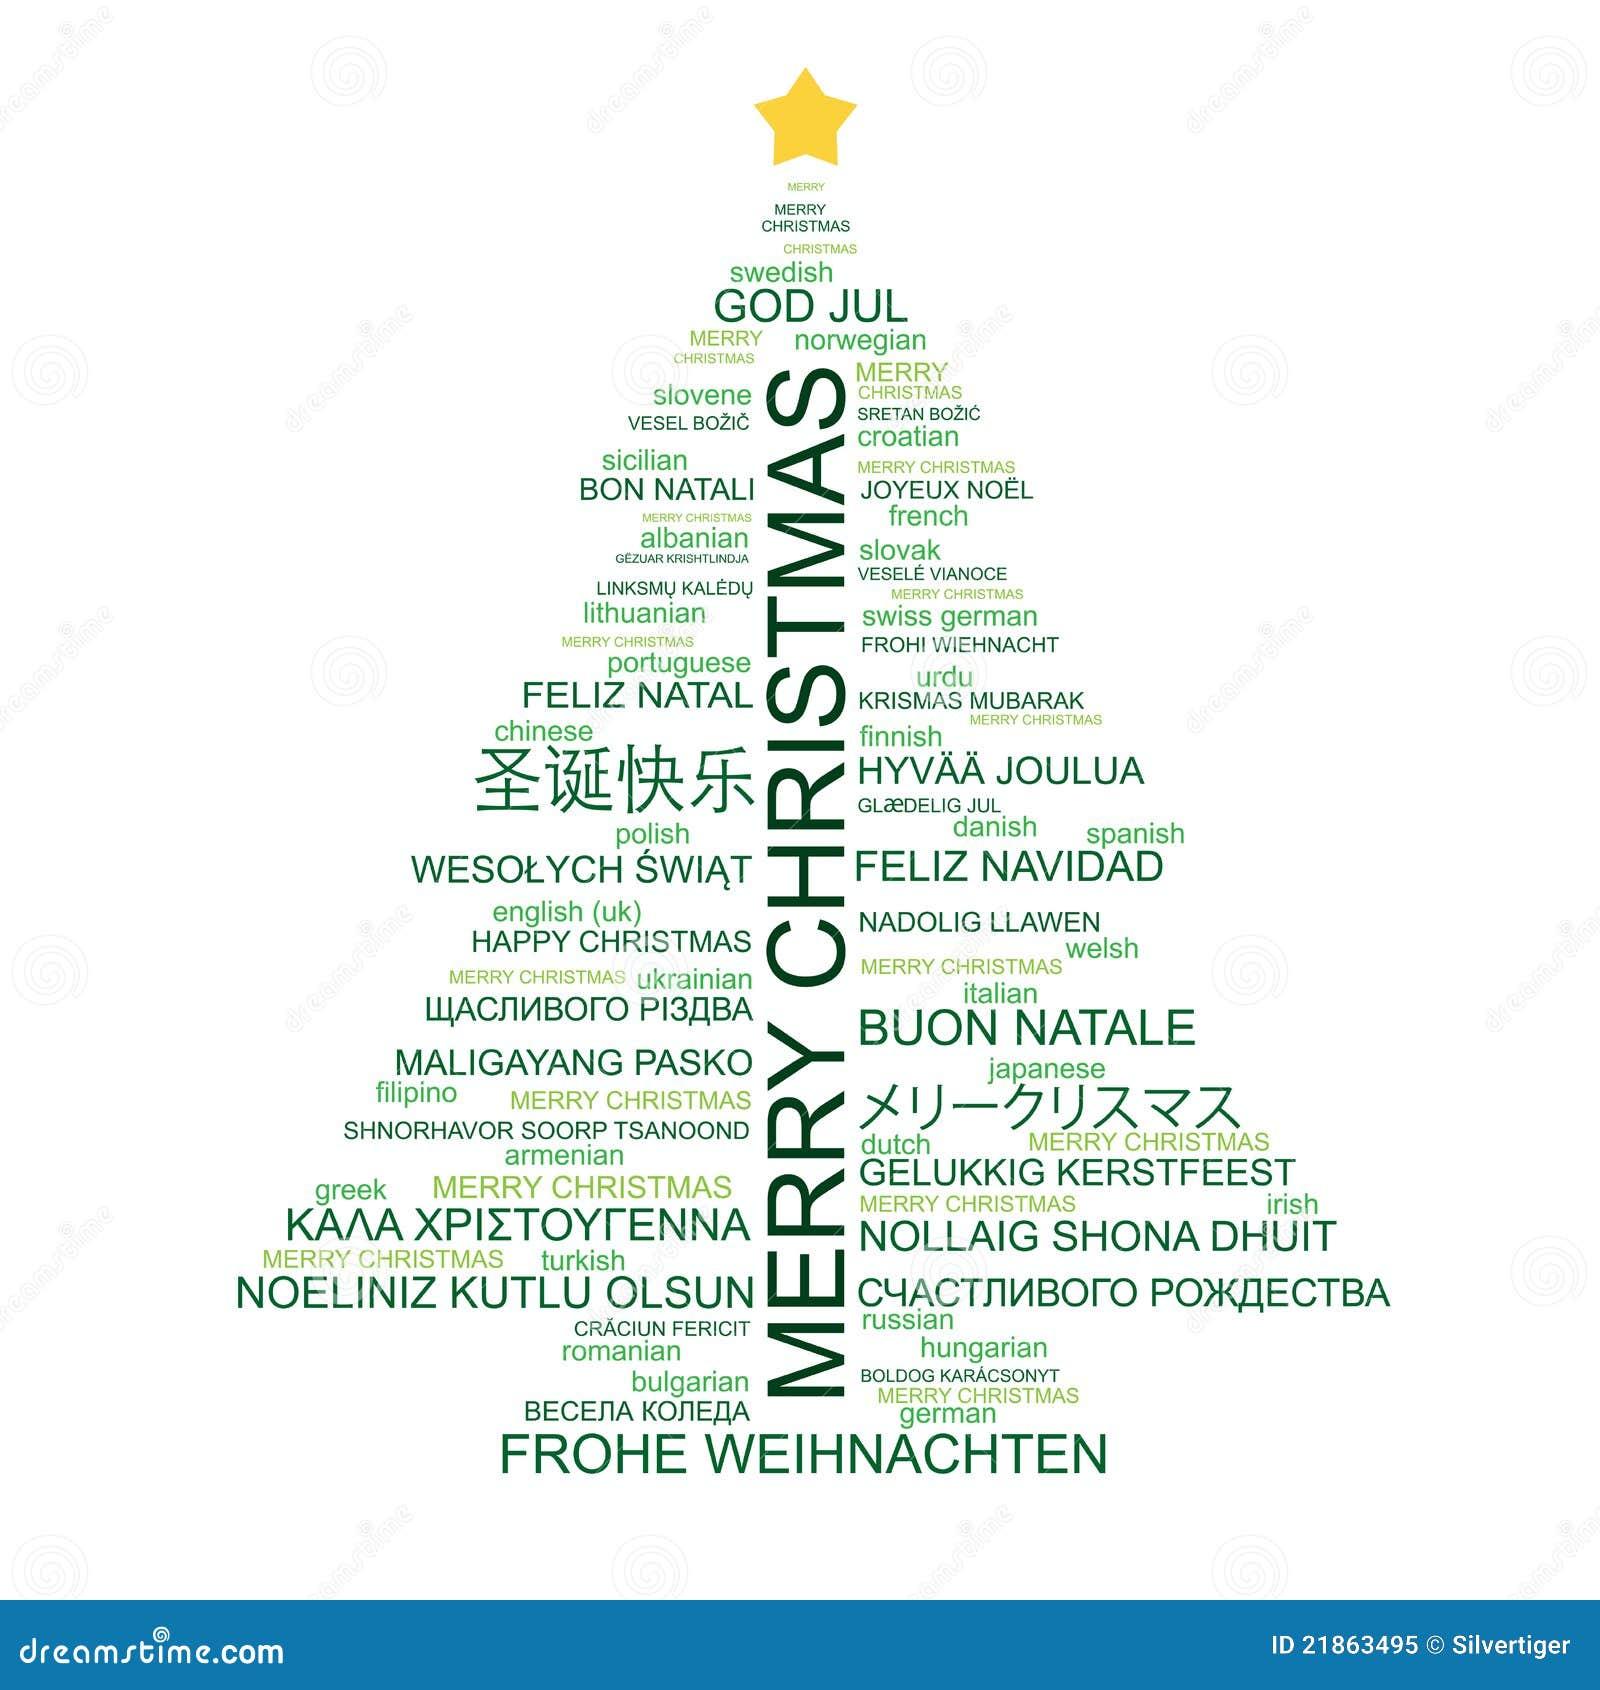 Karácsonyfa karácsonyi üdvözletekből - Forrás: Silvertiger